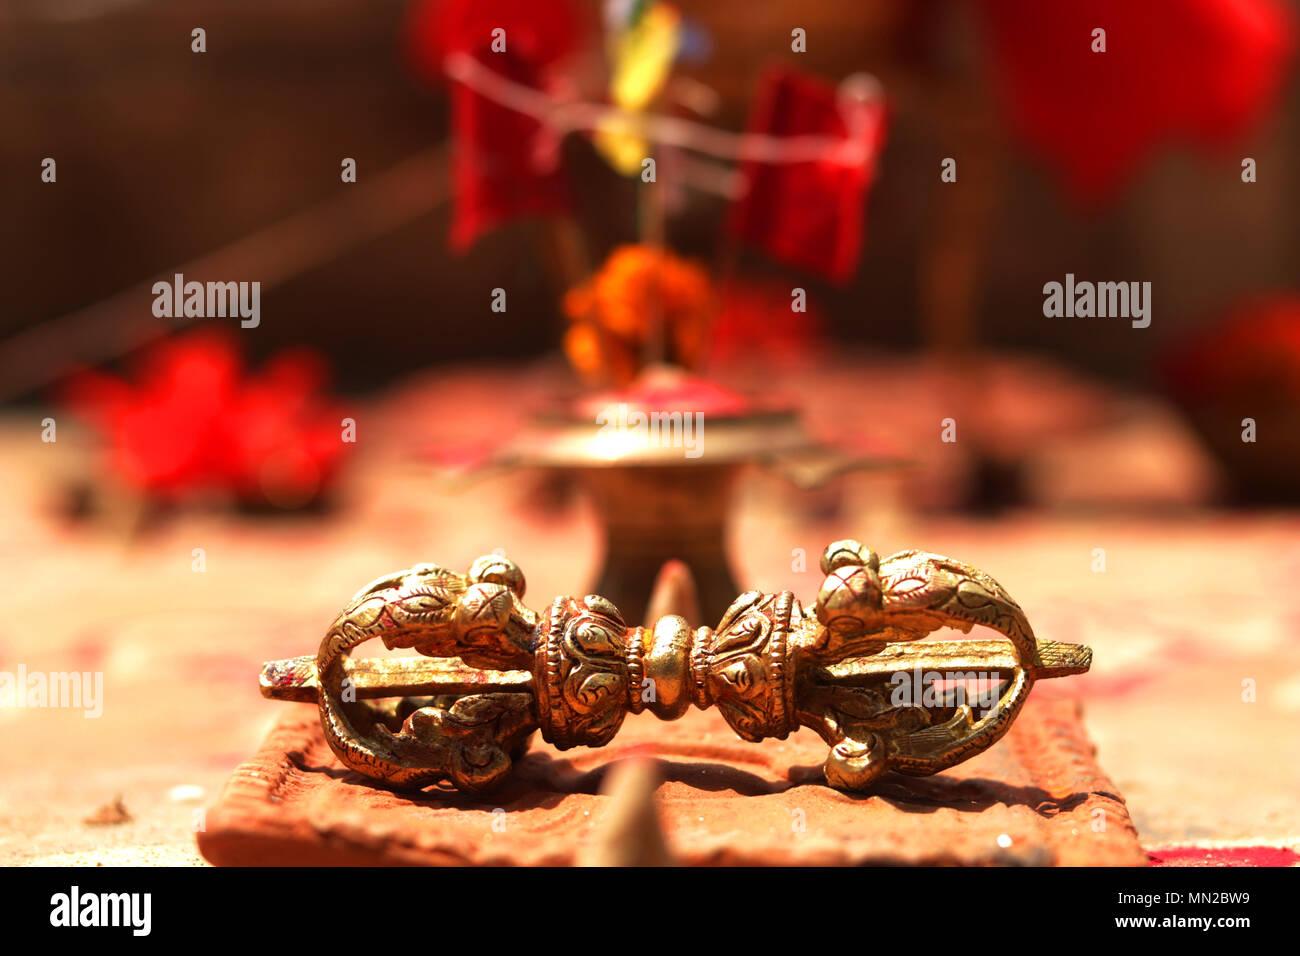 La cloche et Dorje, ou Thunderbolt sont inséparables, d'objets rituels dans le Bouddhisme Tibétain. Ils sont toujours utilisés en association pendant les offices religieux ceremoni Photo Stock